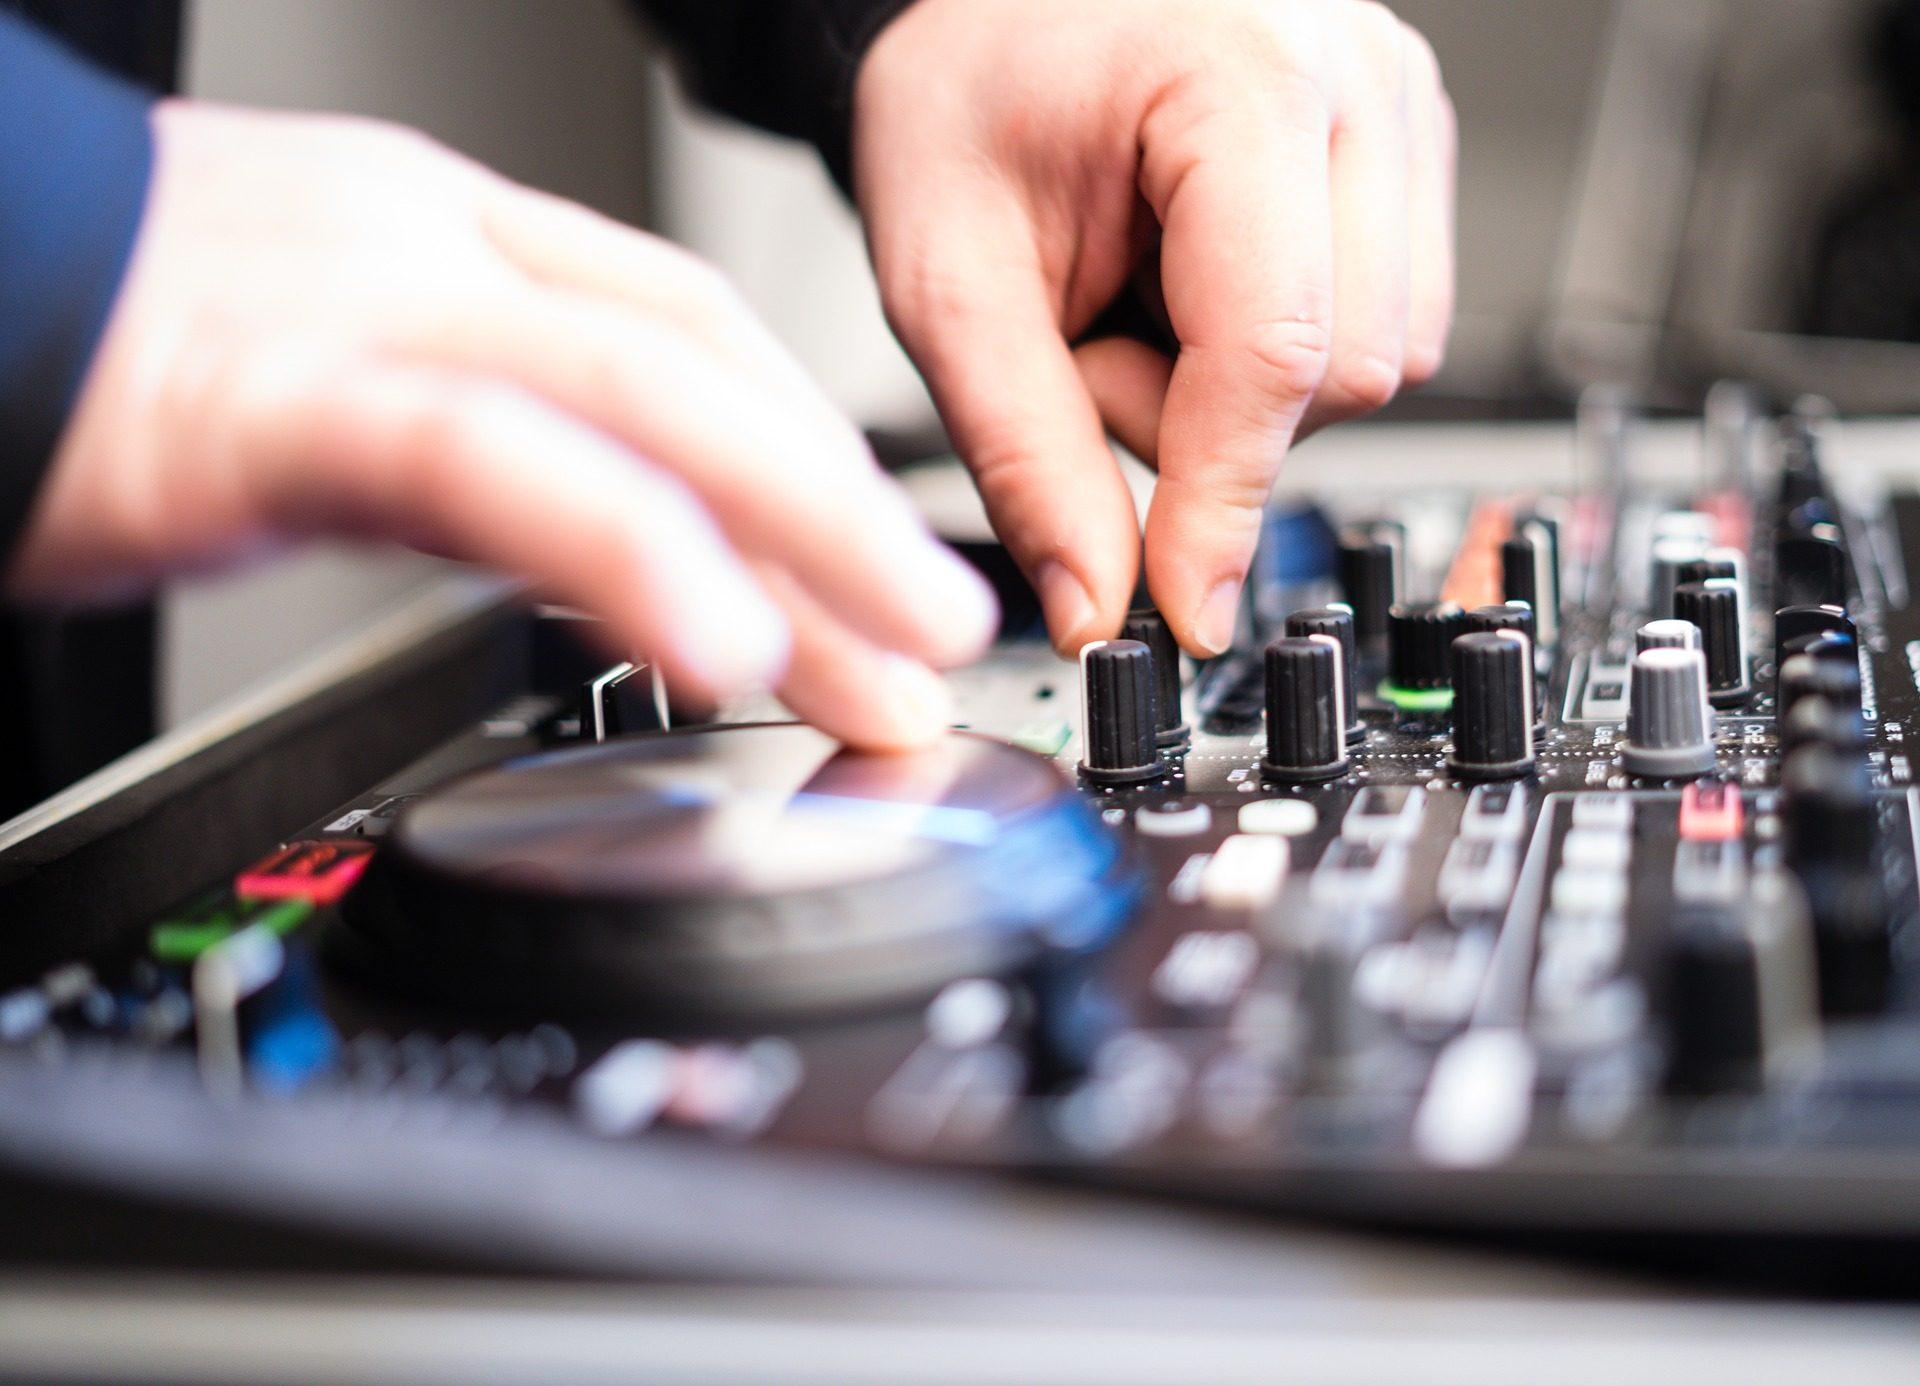 Таблица, смеси, руки, DJ, кнопки, колеса - Обои HD - Профессор falken.com